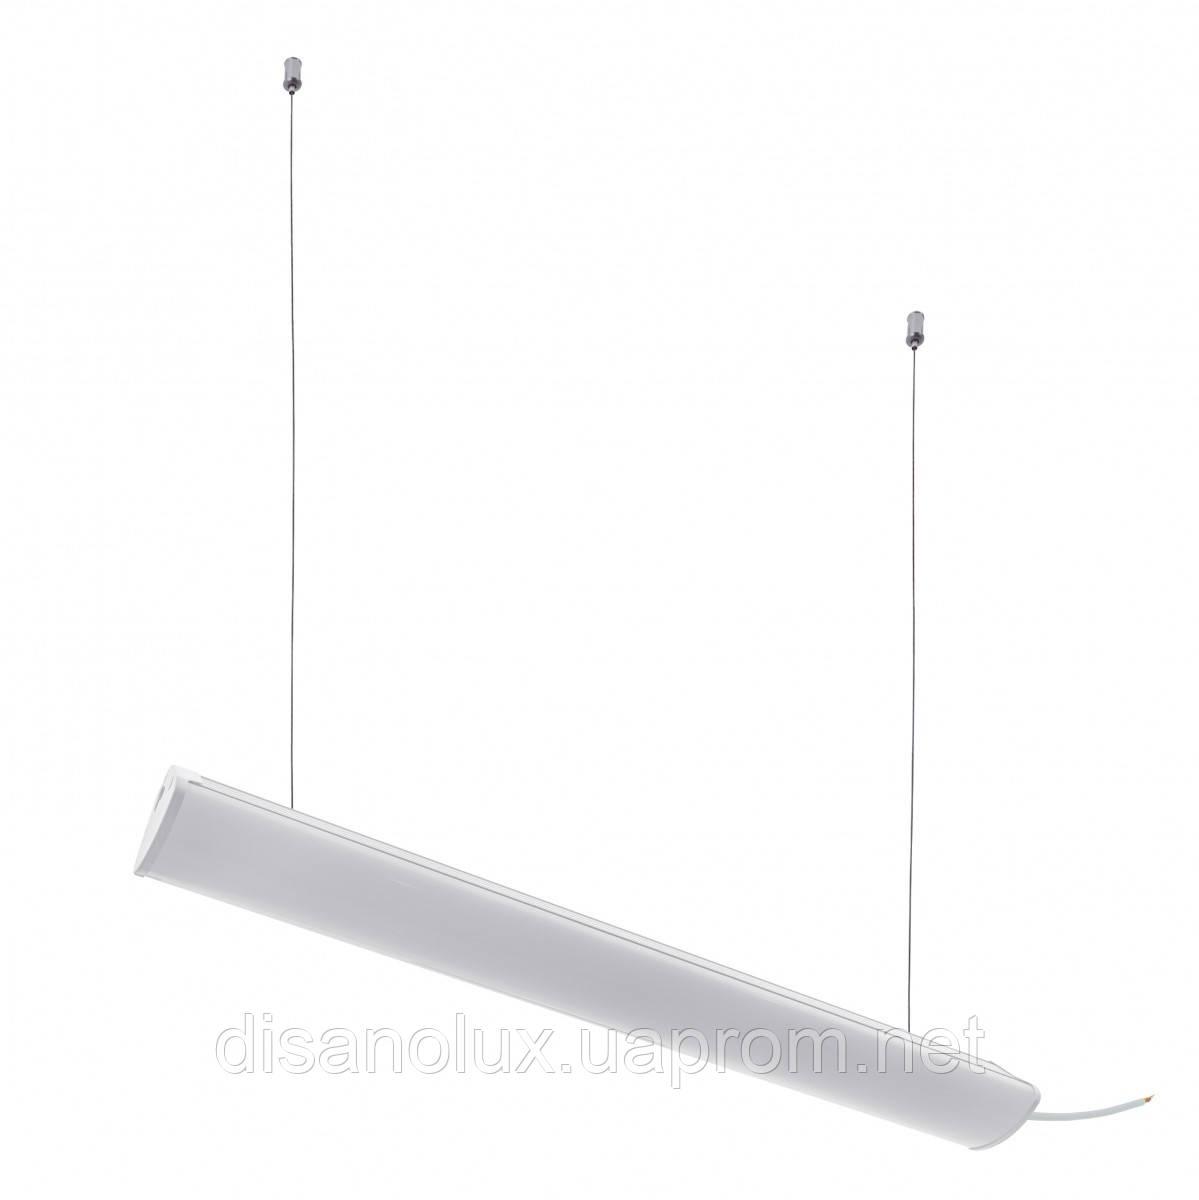 Светильник LED подвесной линейный офисный светодиодный FLF-16 K 20W NW